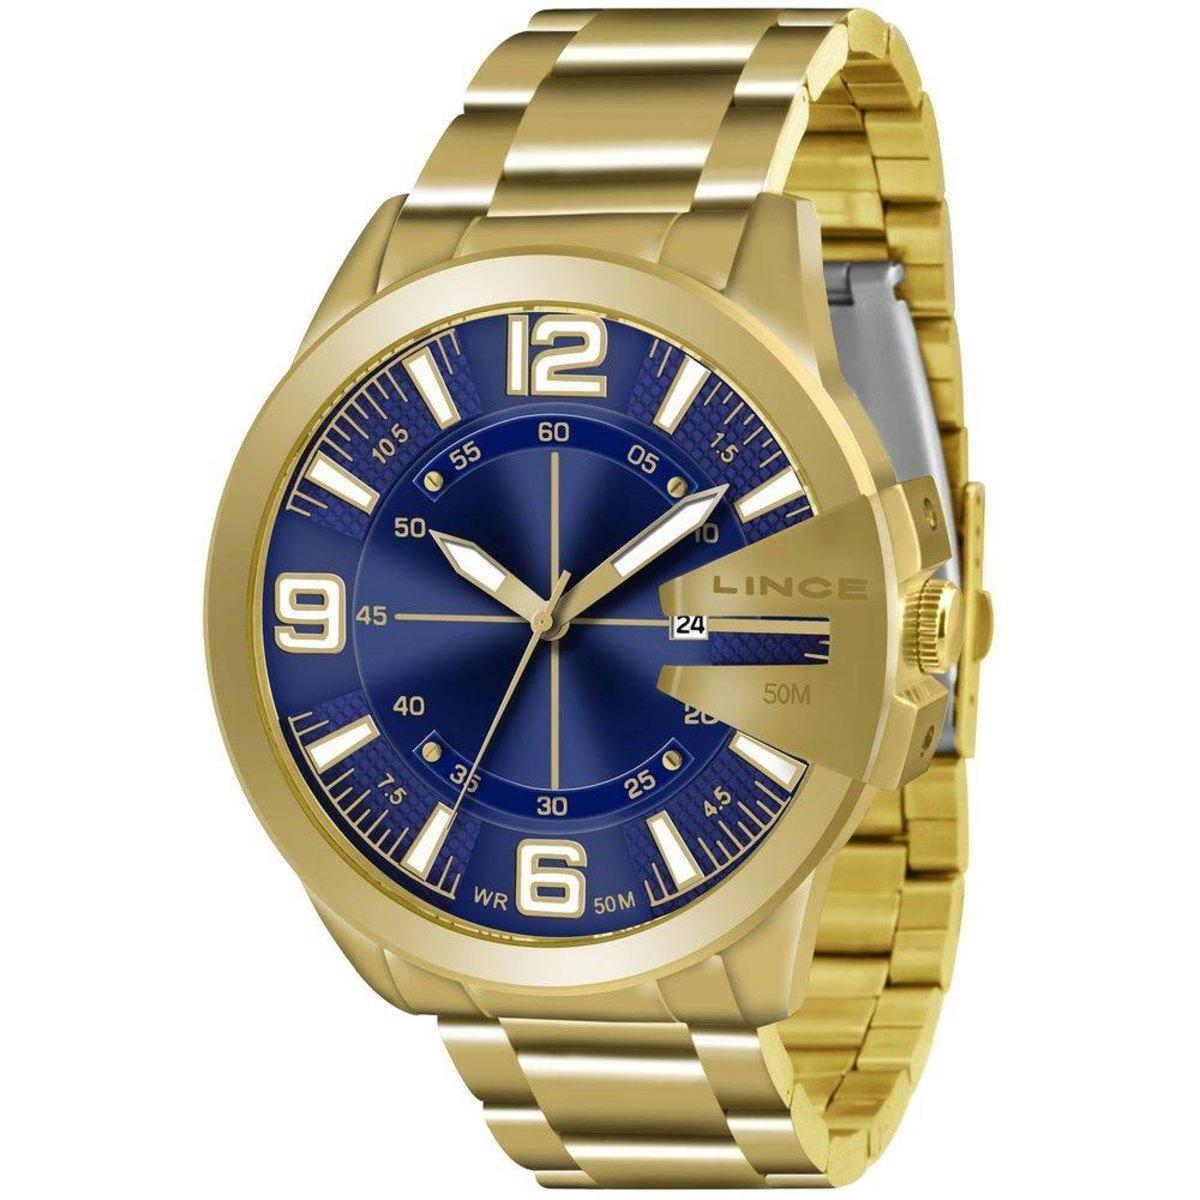 Relógio Masculino Lince MRG4333S D2KX Dourado